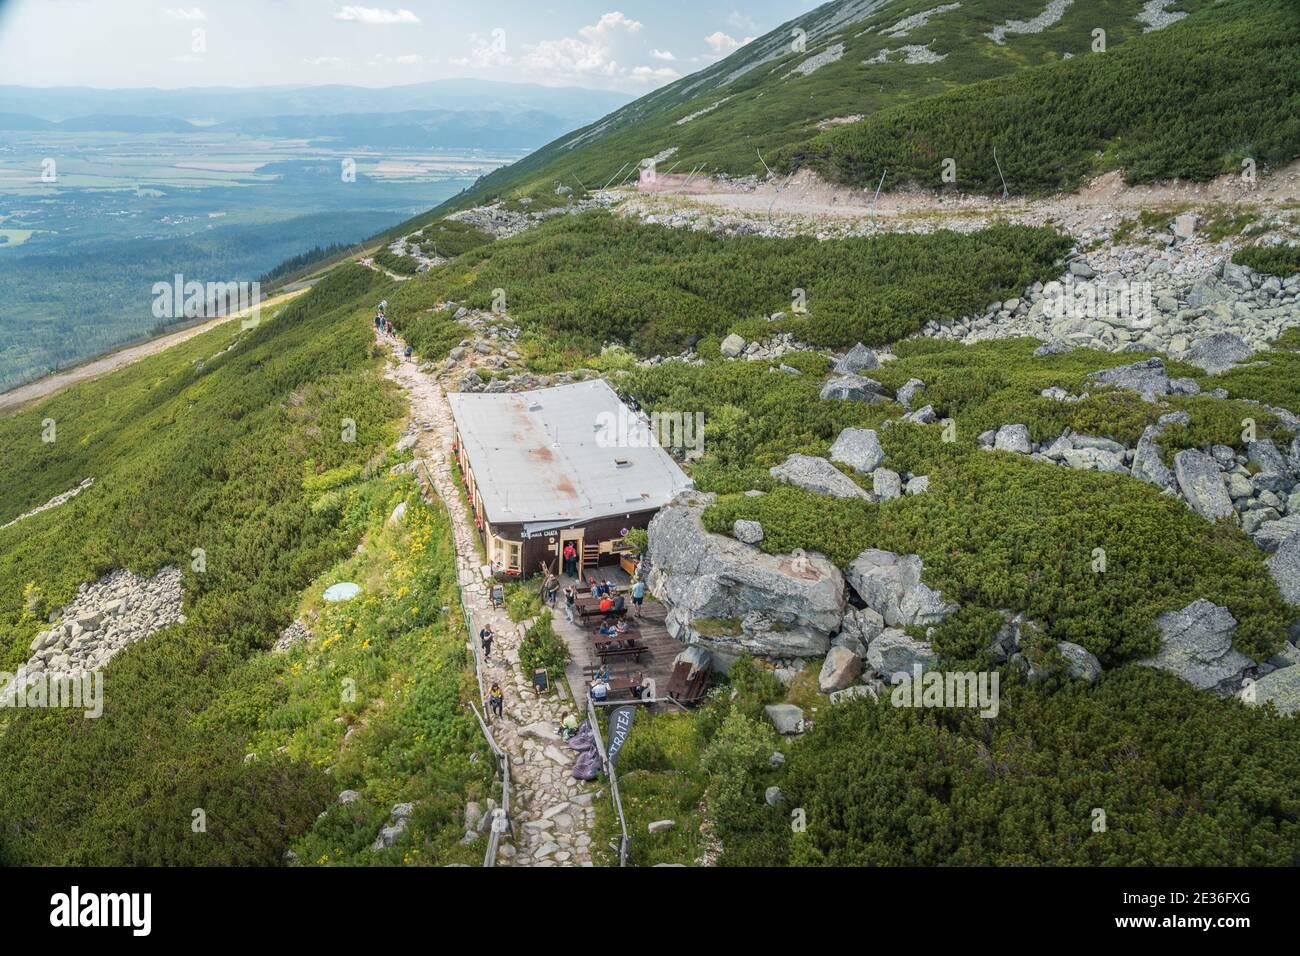 TATRANSKA LOMNICA, SLOVAQUIE - AOÛT 2020 : chalet alpin Skalnata chata dans les montagnes des Hautes Tatras Banque D'Images